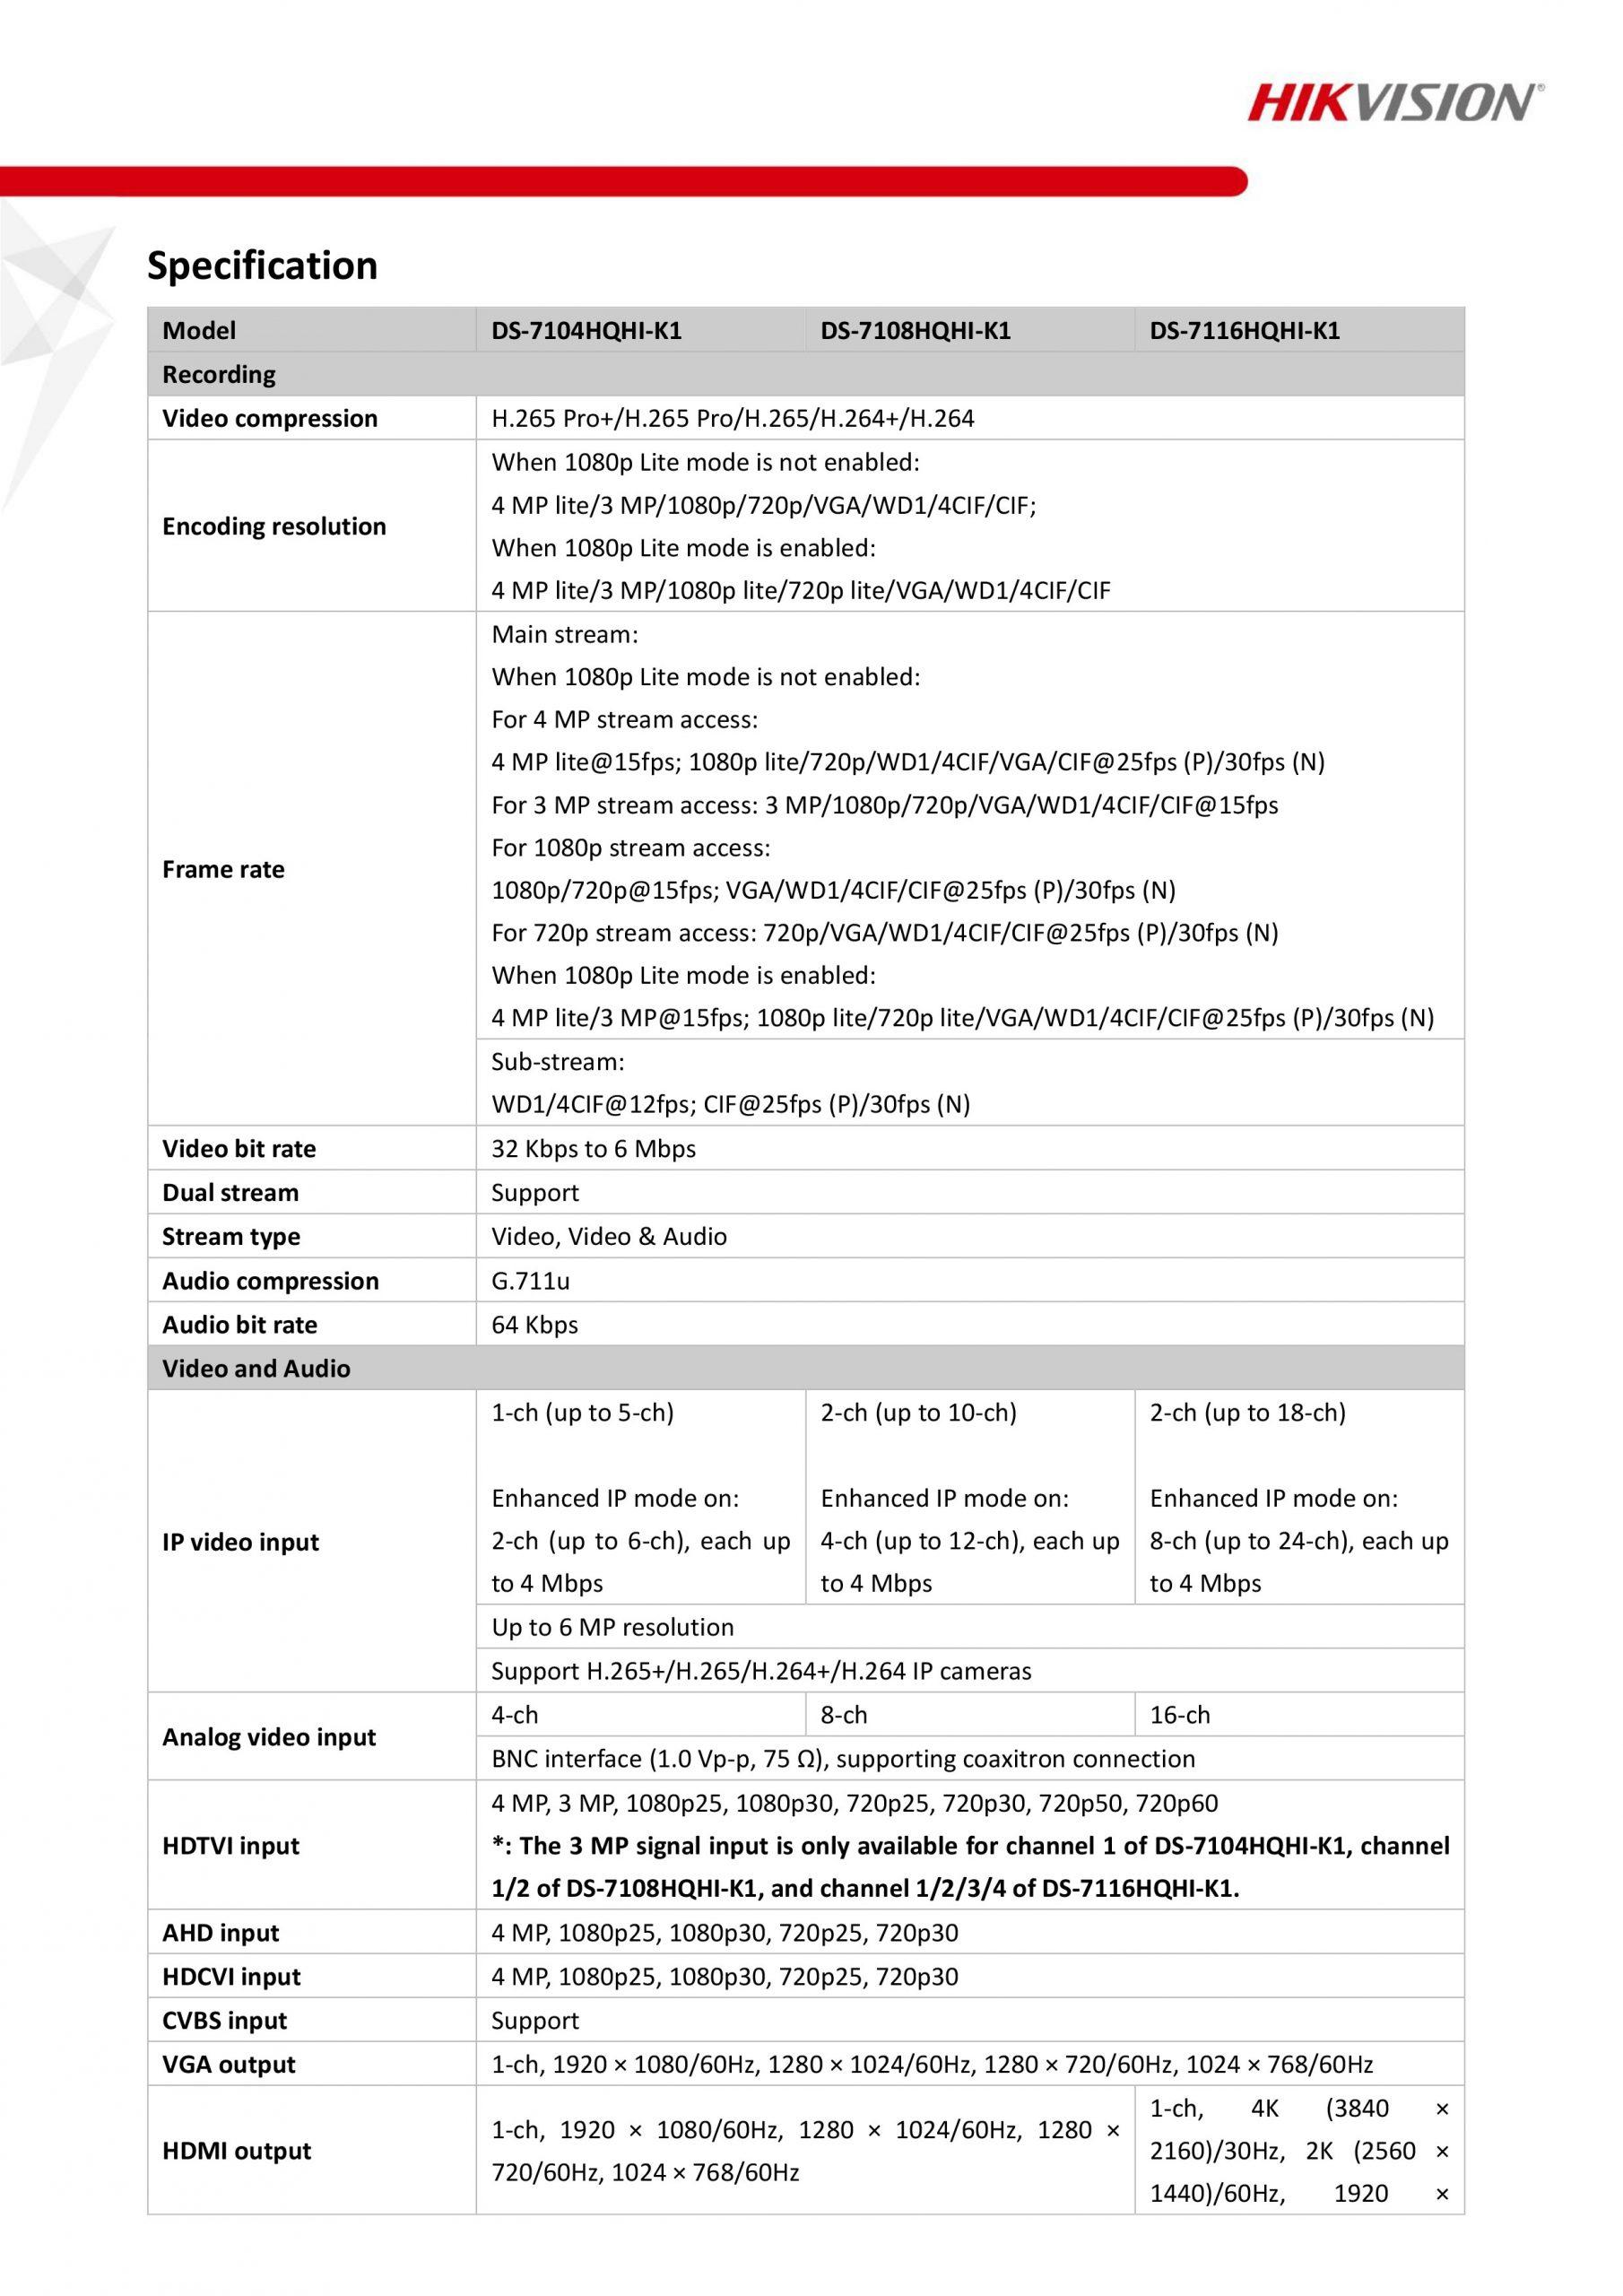 Hikvision DS-7104HQHI-K1 4-channel DVR